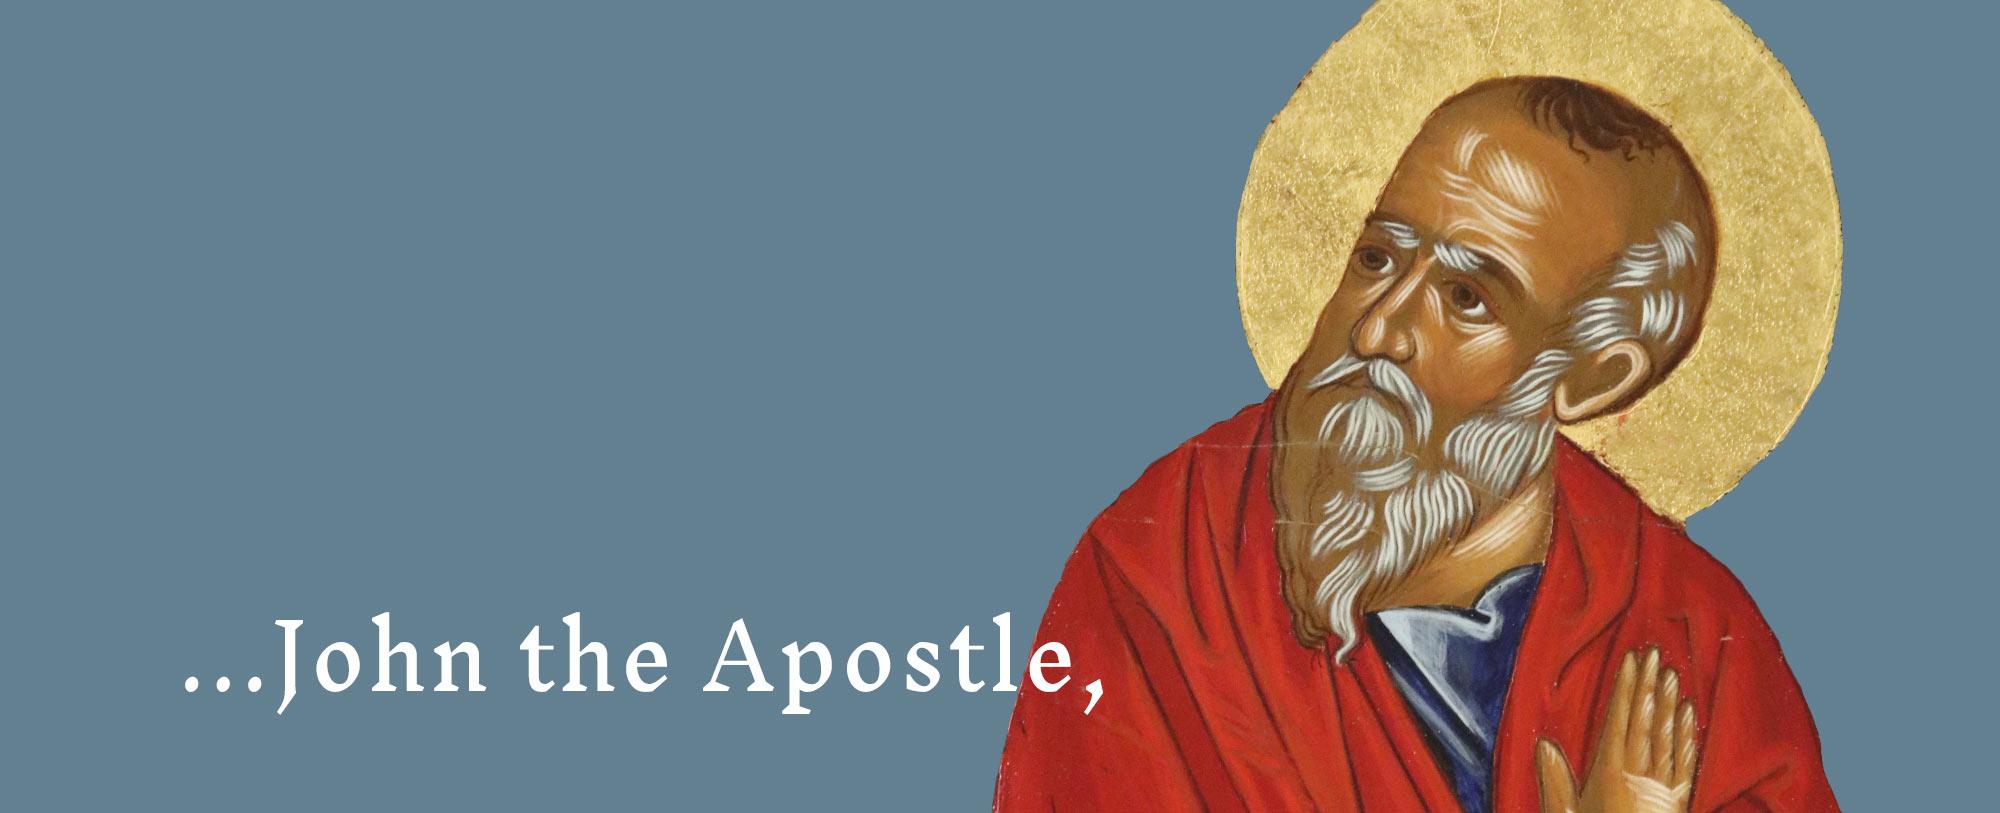 ... John the Apostle,